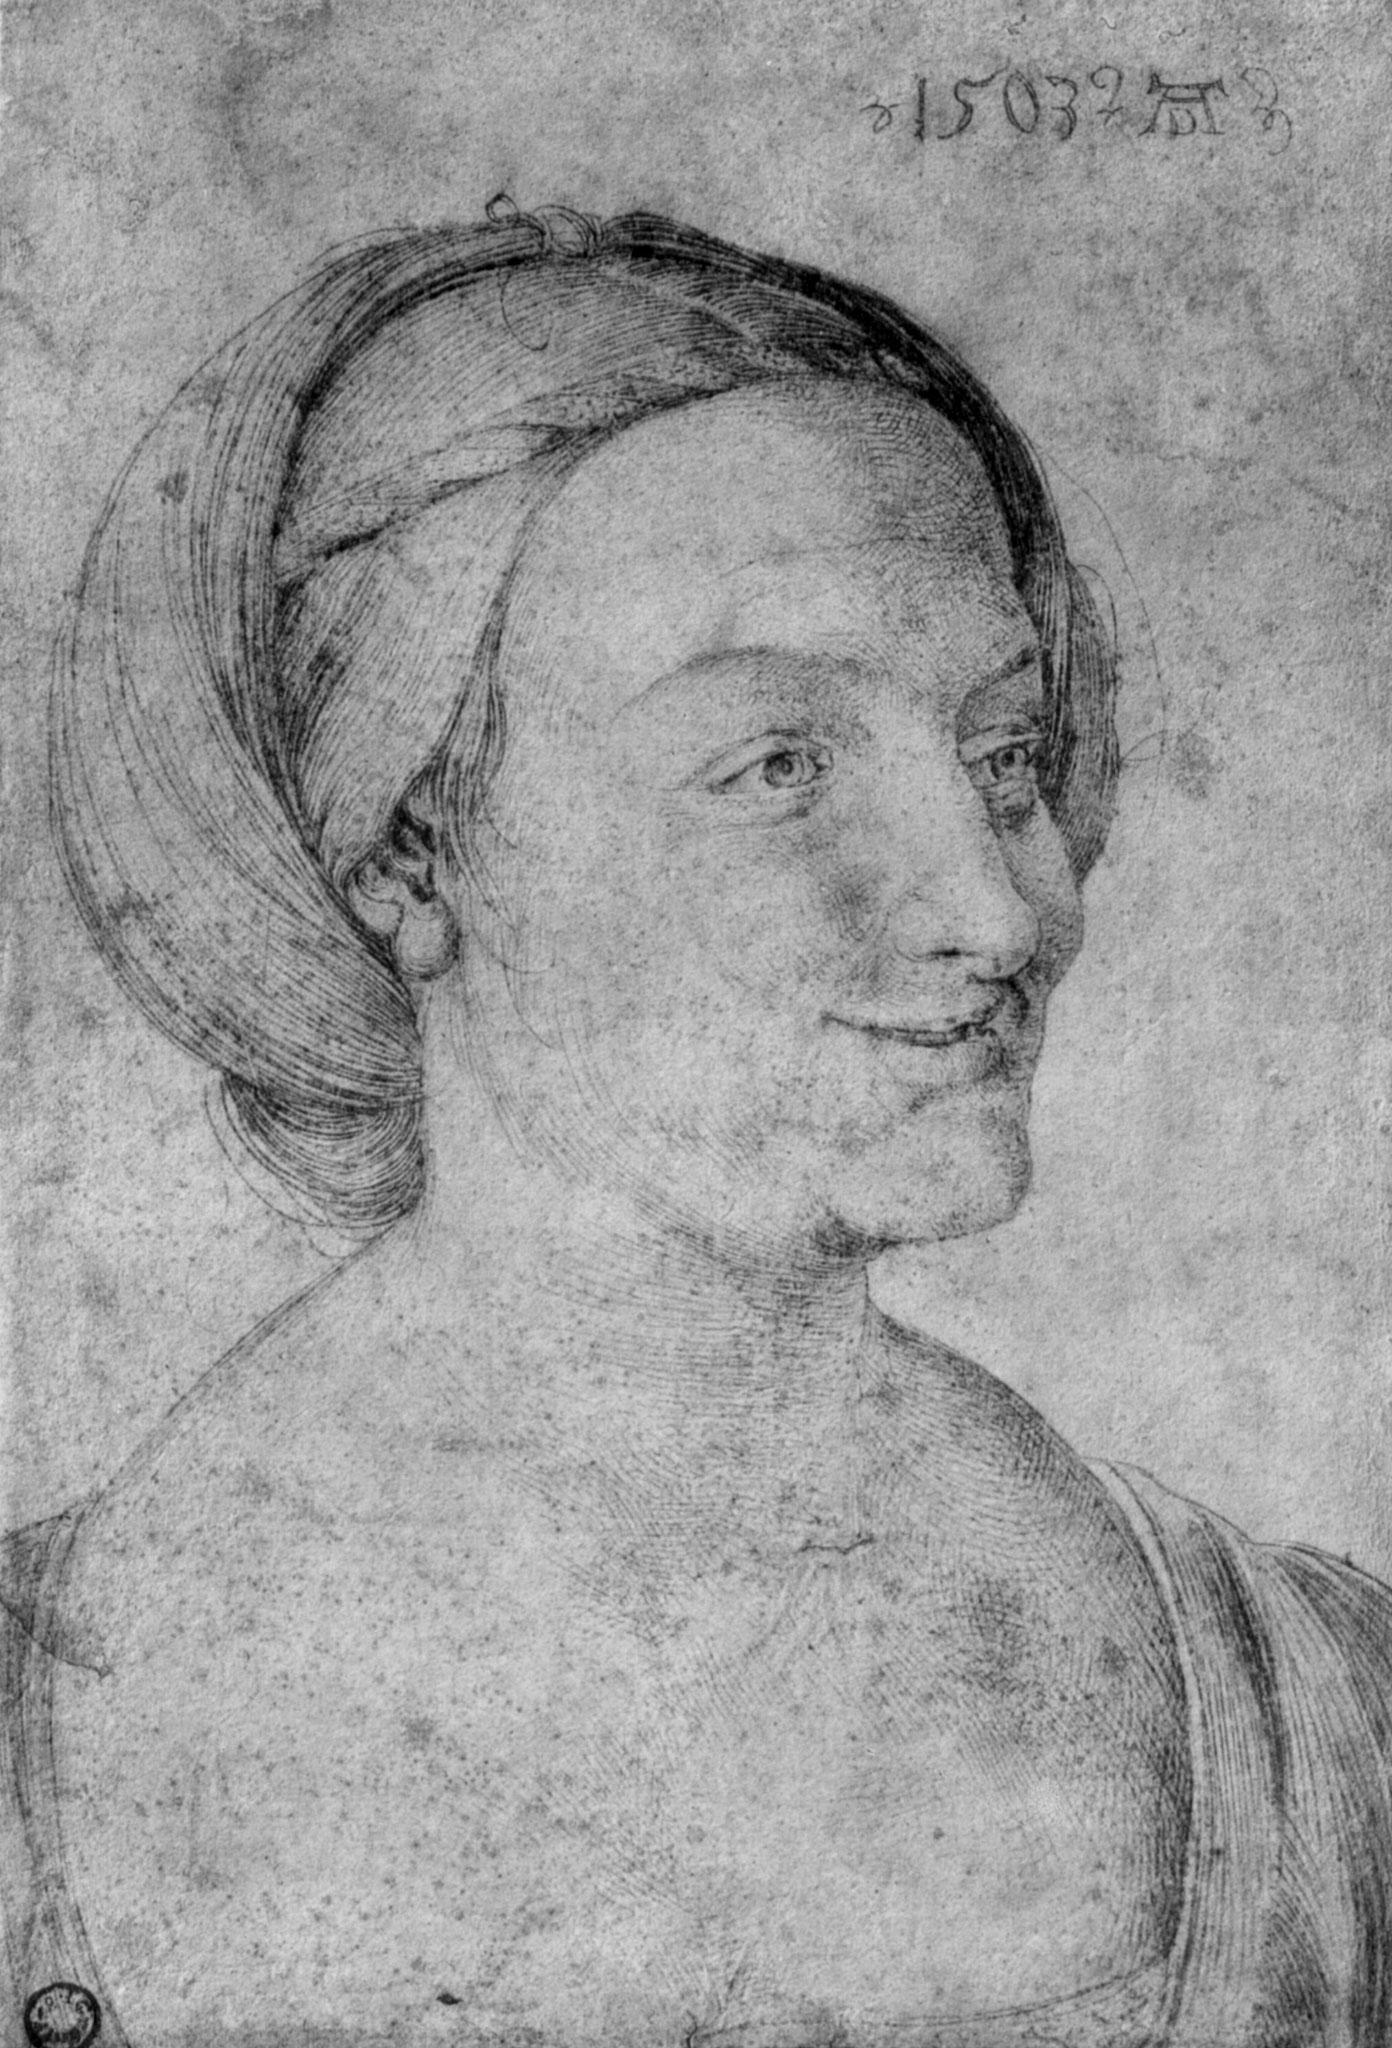 Kopf einer lachenden Frau